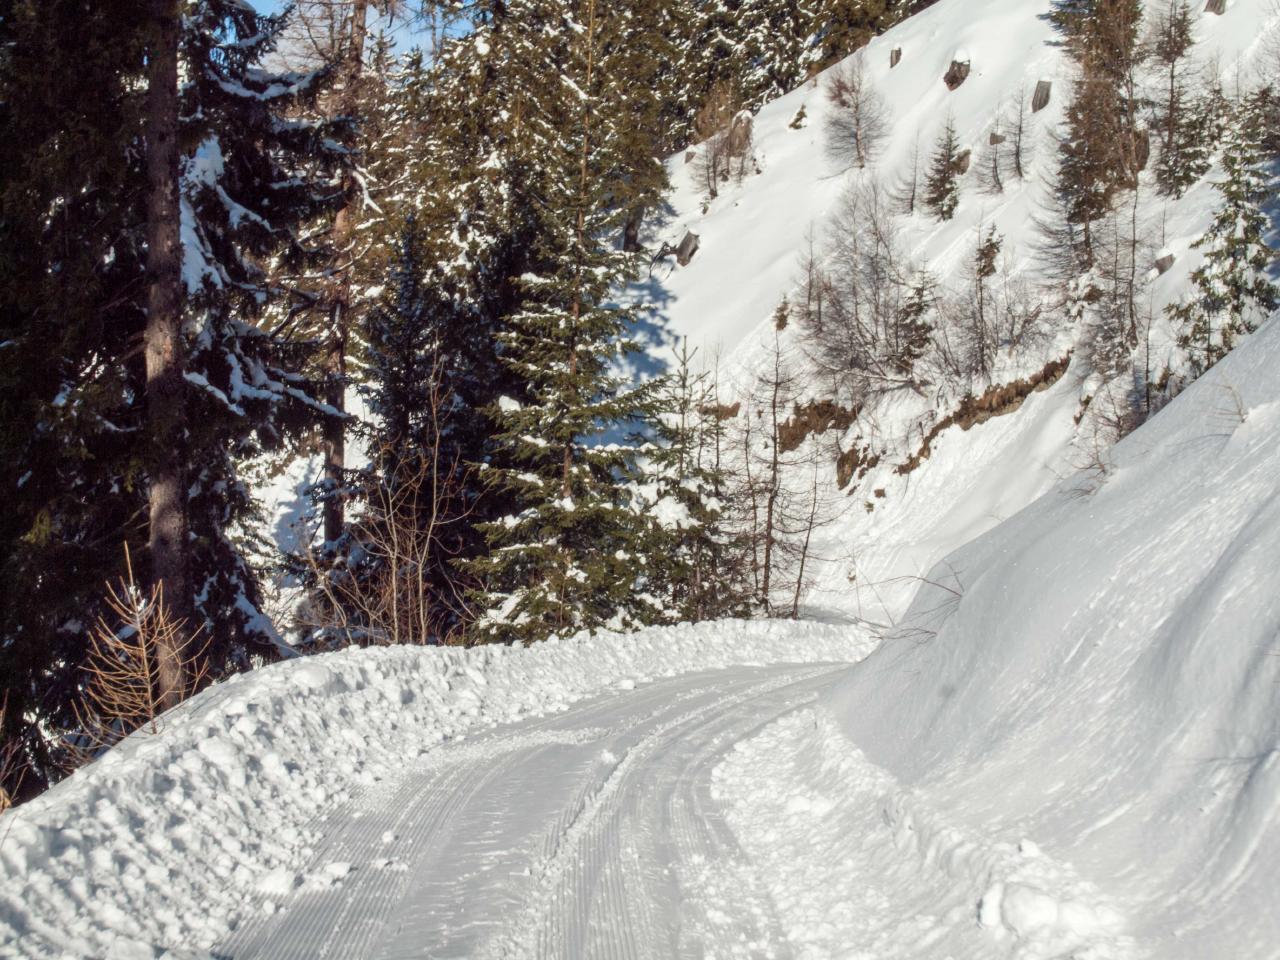 Ferienwohnung Urchiges Walliserchalet auf Rosswald | Alphütte OG (2171131), Rosswald, Brig - Simplon, Wallis, Schweiz, Bild 22